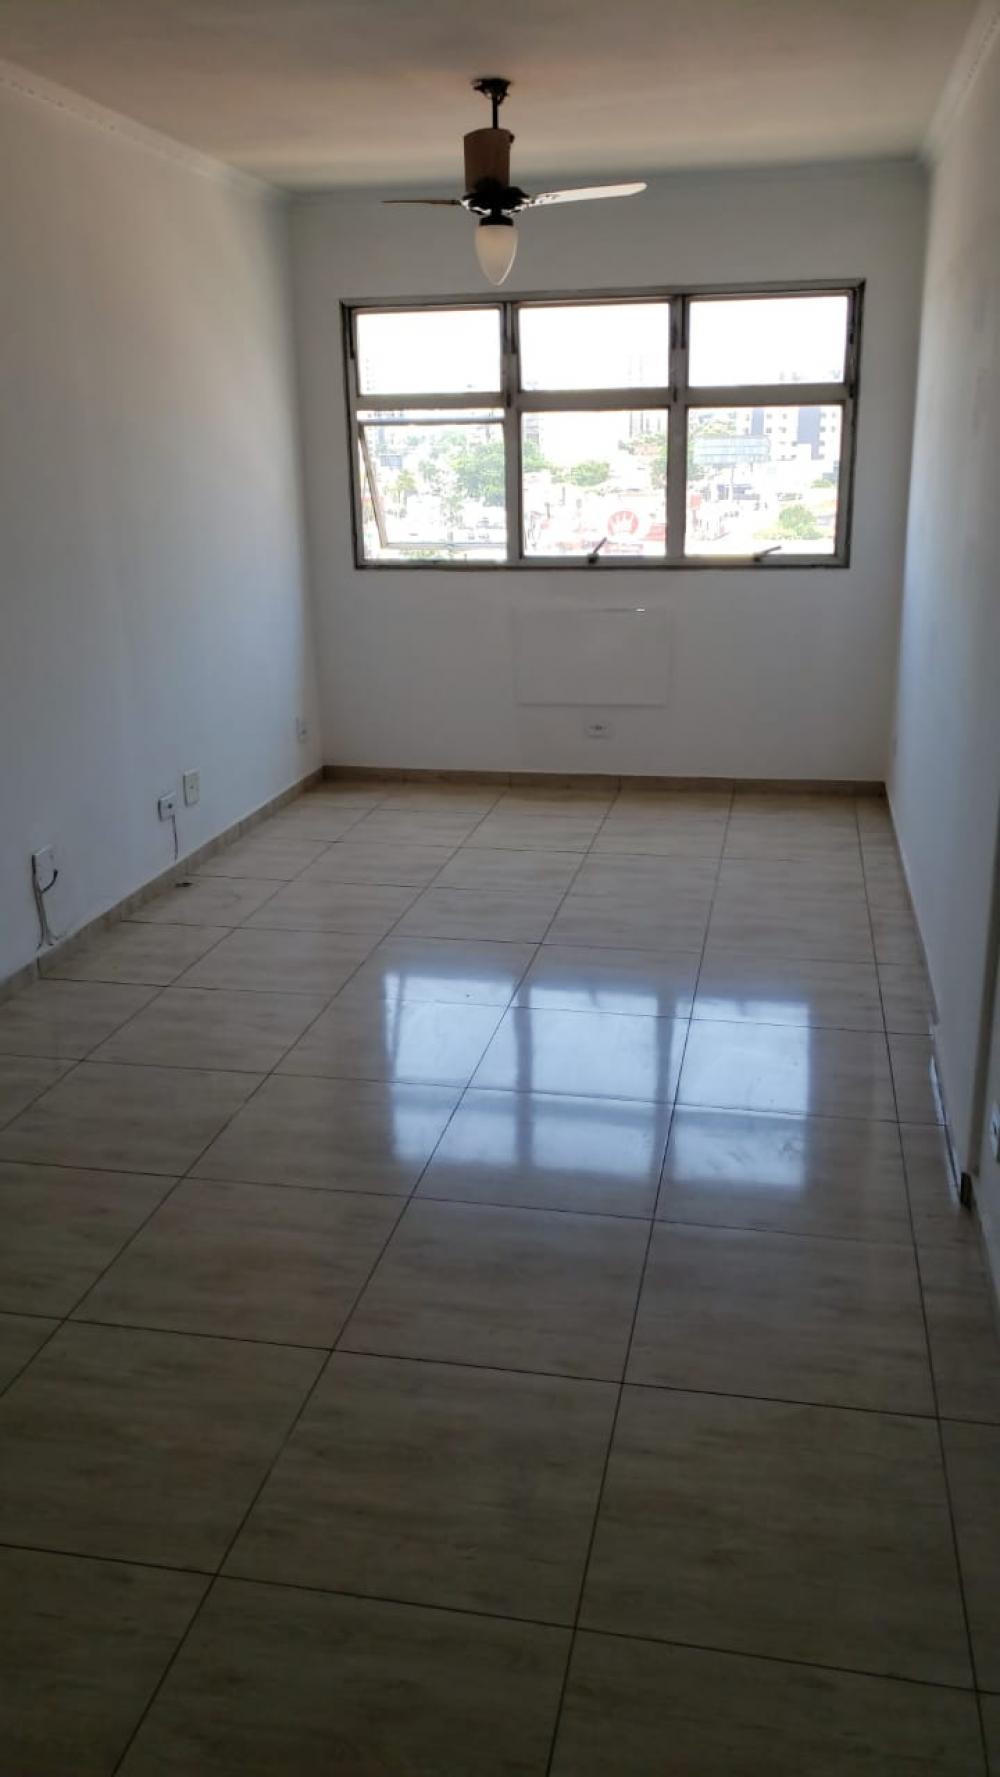 Comprar Apartamento / Padrão em São José do Rio Preto apenas R$ 290.000,00 - Foto 2